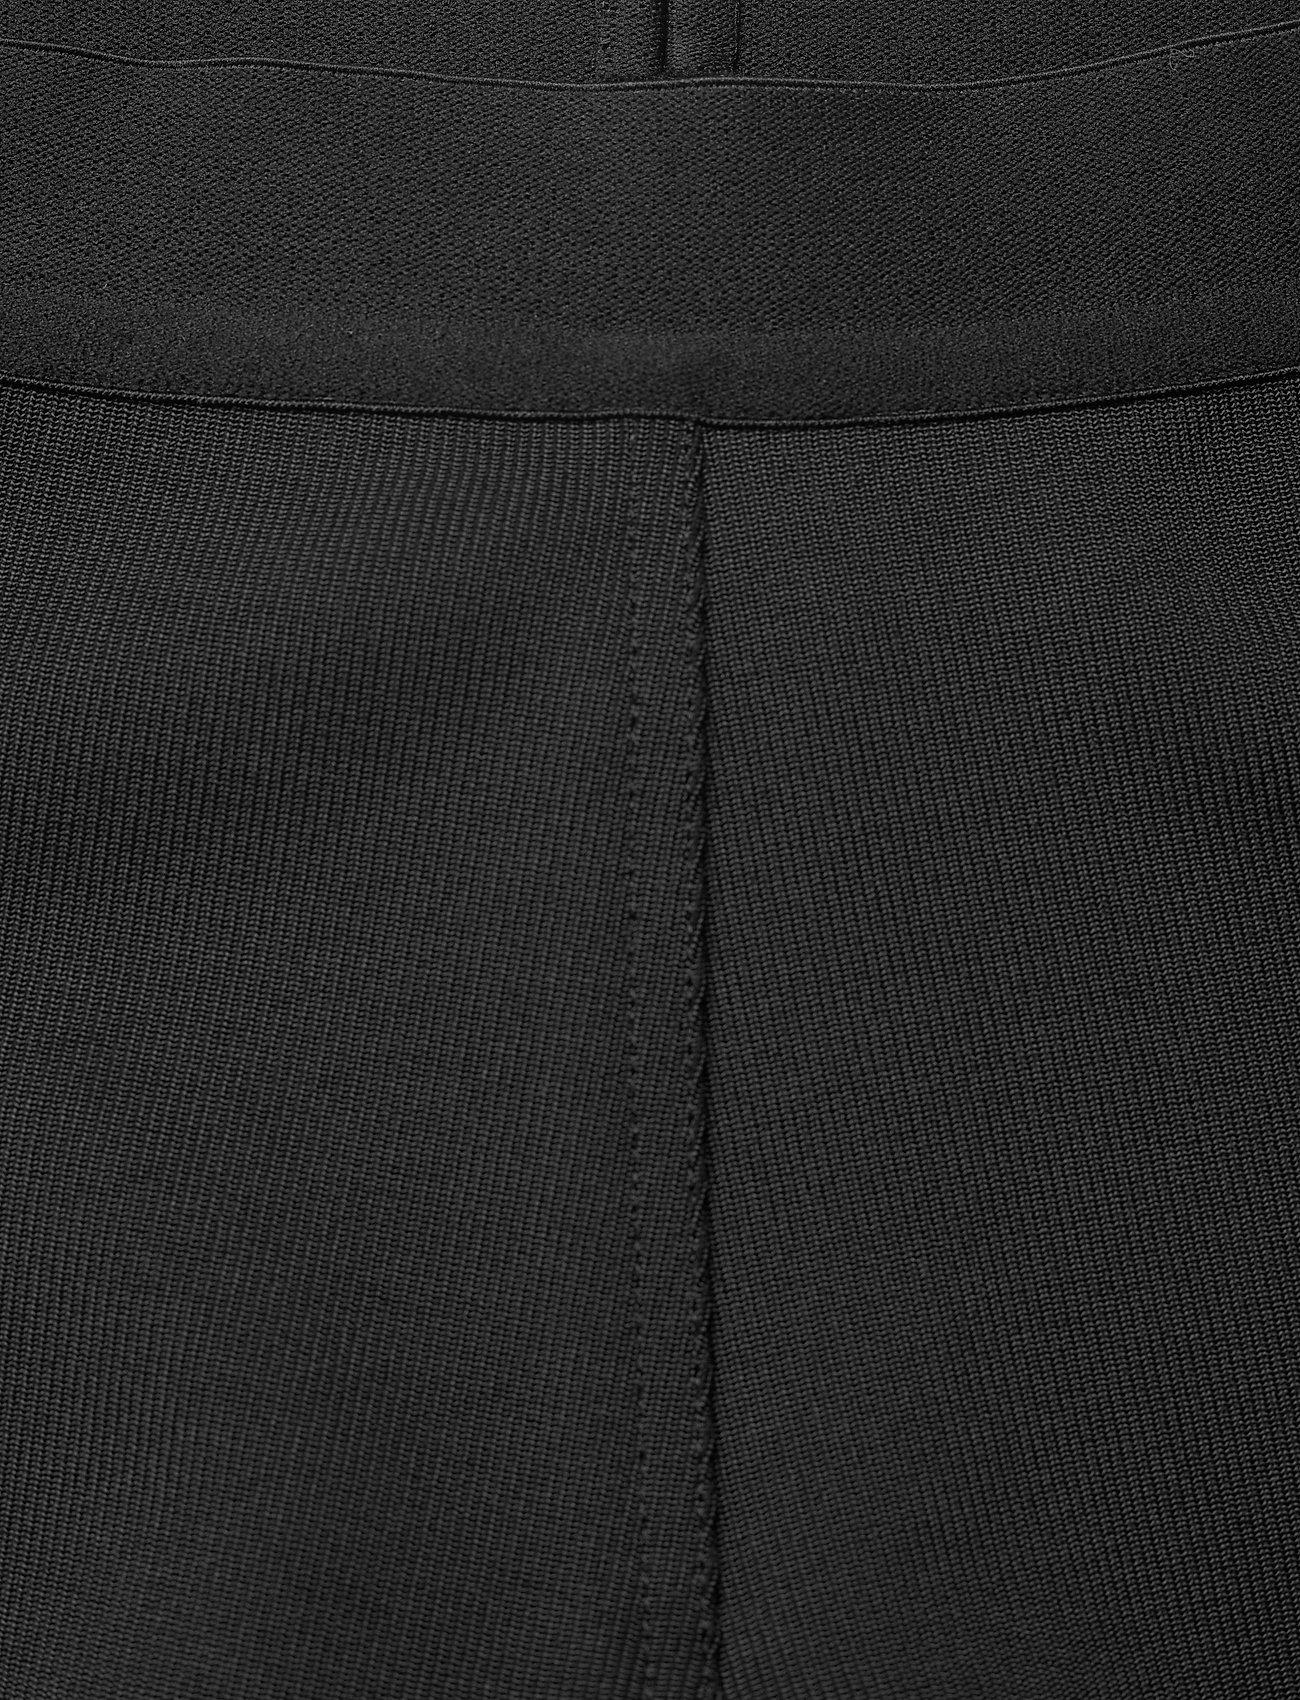 3.1 Phillip Lim - NOVELTY JERSEY LEGGINGS - leggings - black - 2